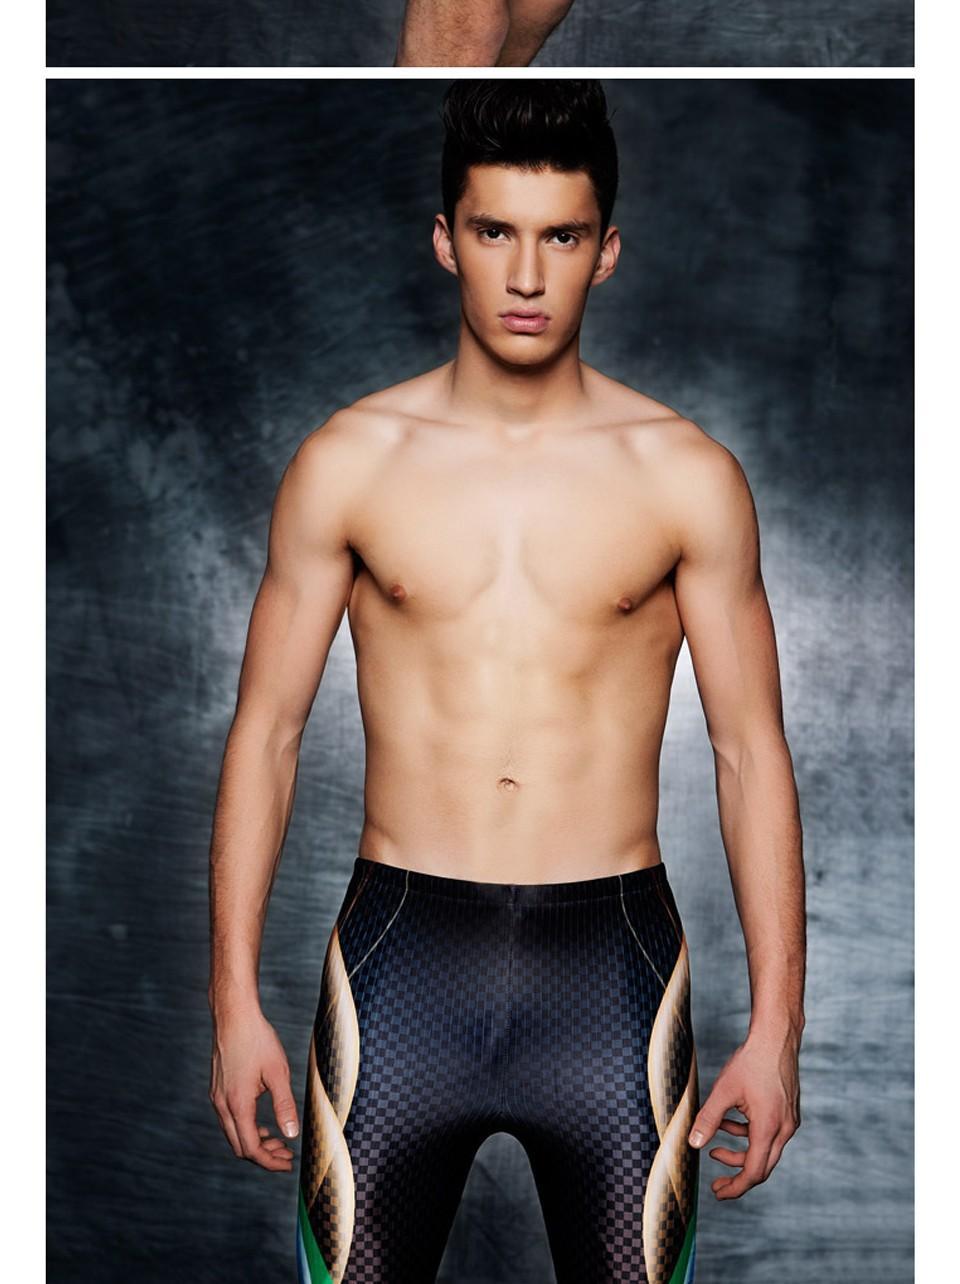 Maillot de bain Homme Costume Tech Professional Imprimé Compétition Racing Maillots De Bain Hommes Sport Maillots De Bain Short